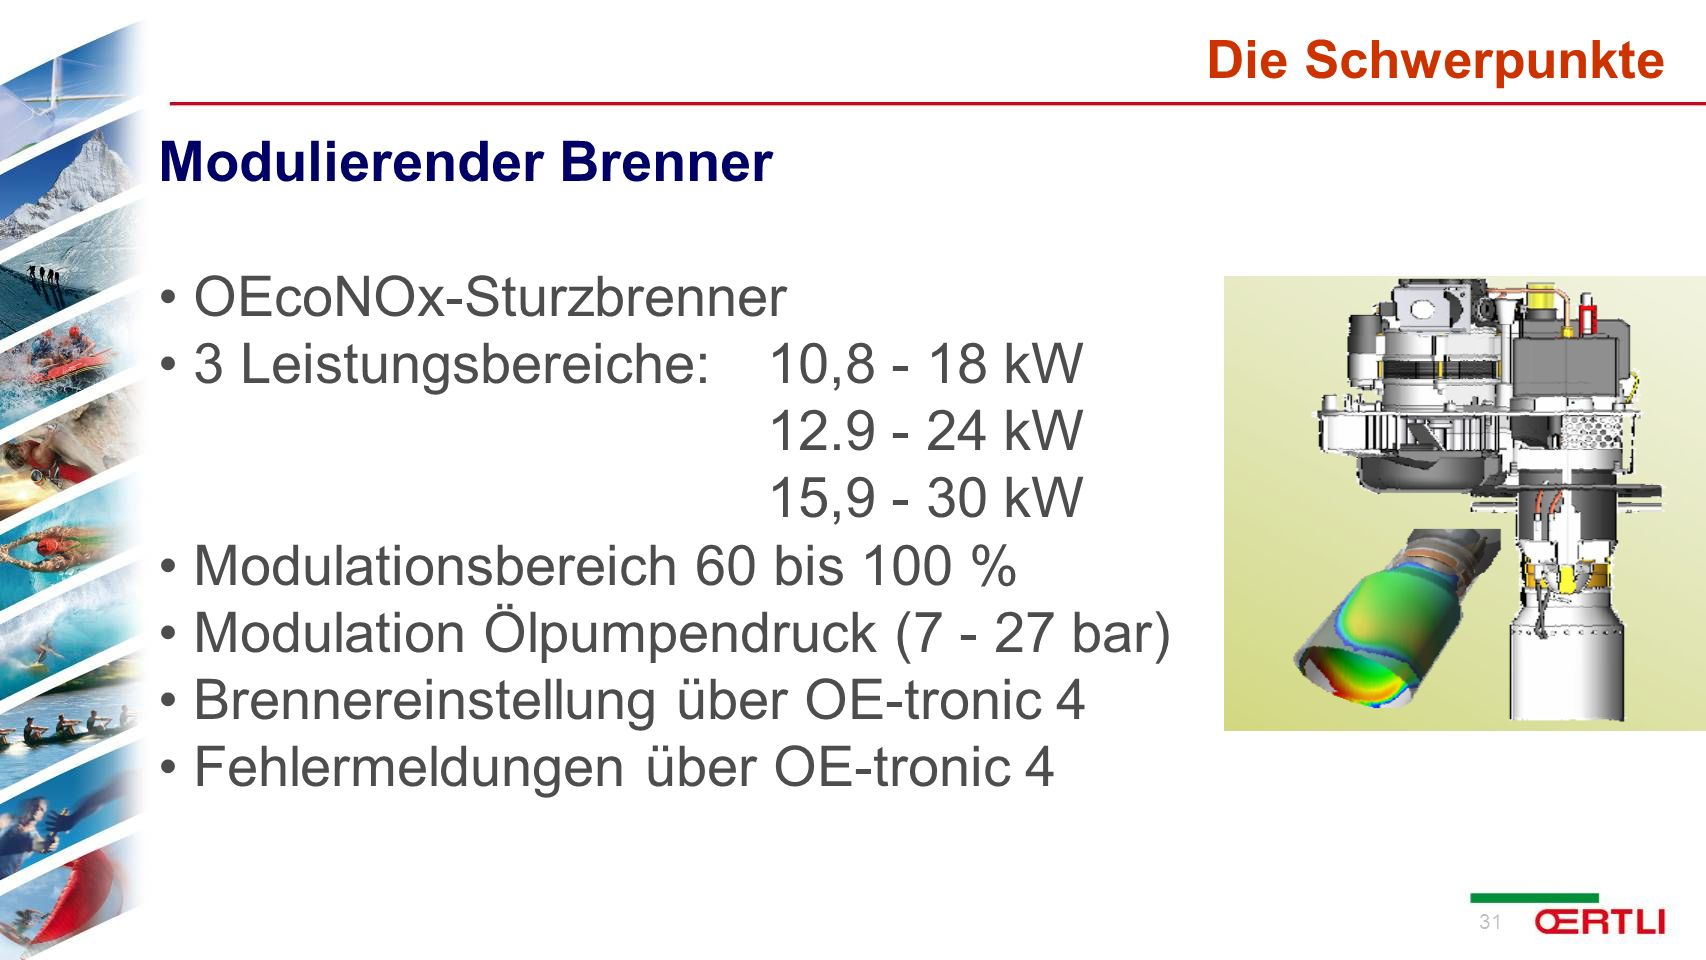 Modulierender Brenner OEcoNOx-Sturzbrenner